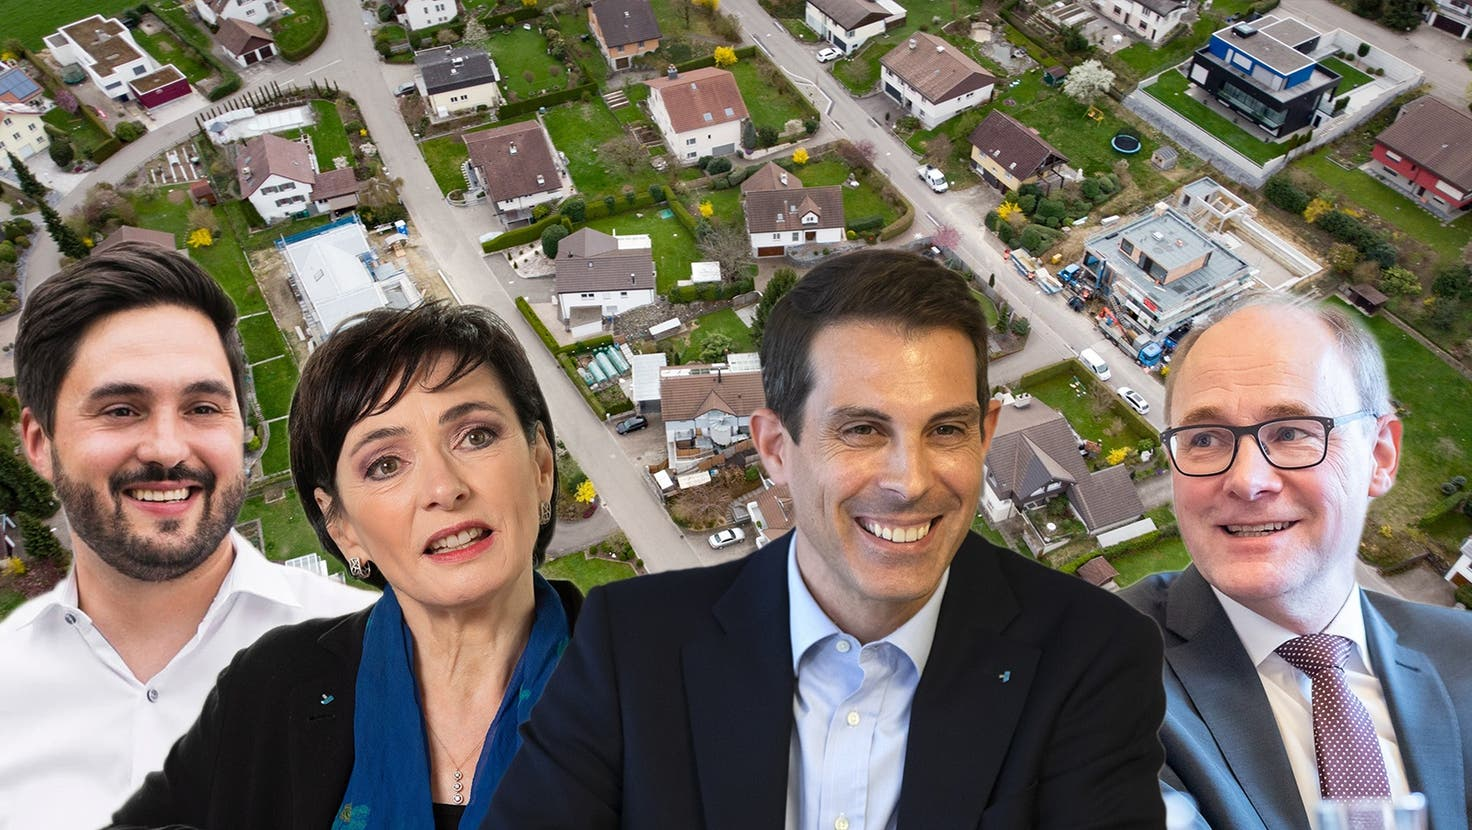 Die Wohneigentümer sind in der Schweiz eine Minderheit, im Aargau ist der Anteil Mieter/Eigentümer je rund hälftig. (Benjamin Manser)